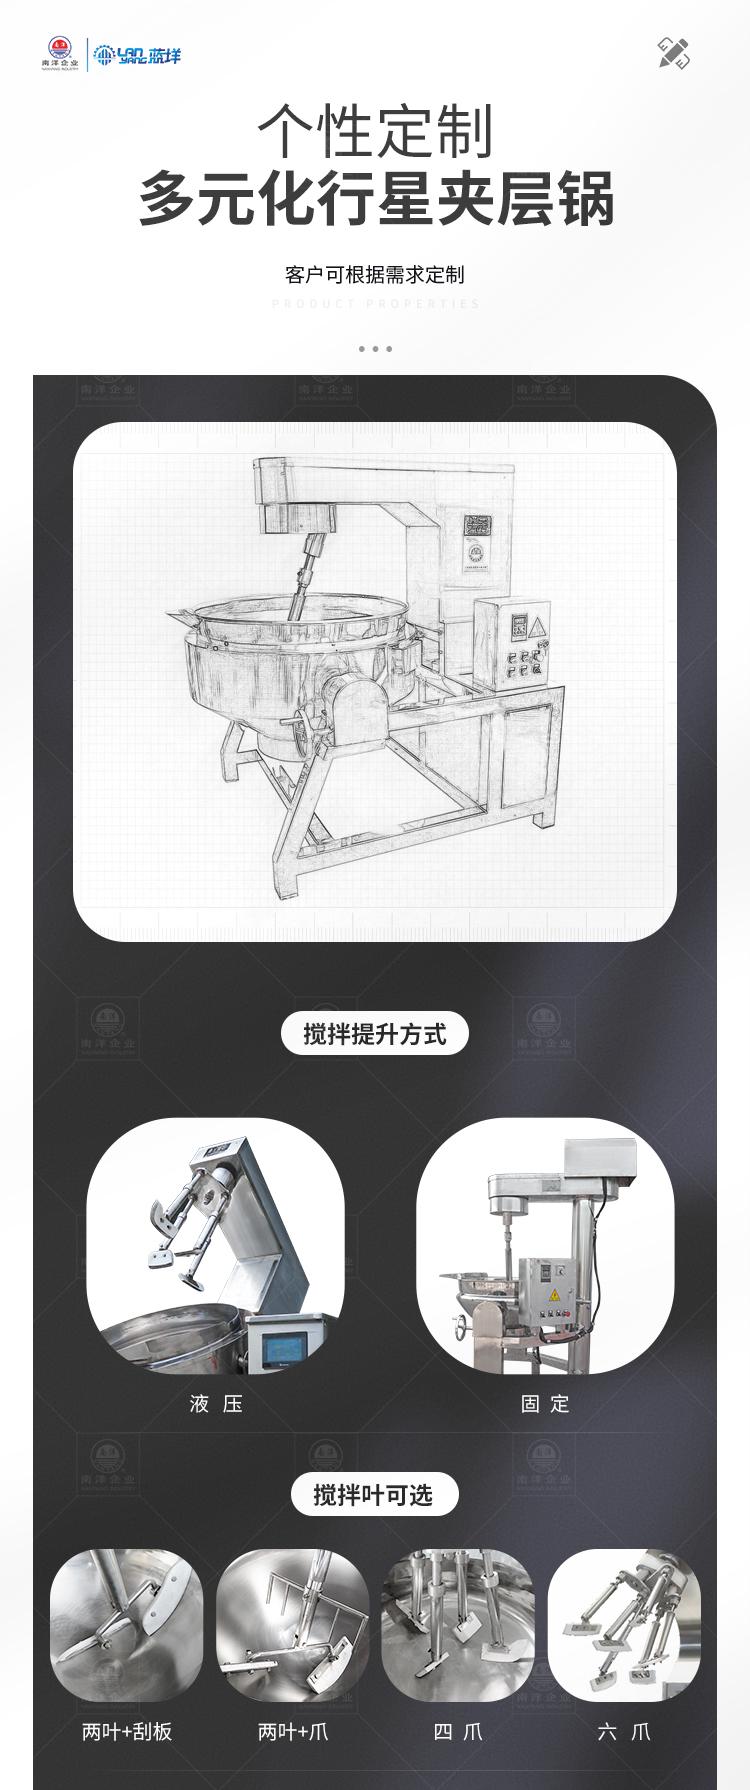 南洋夹层锅——行星自动电磁多爪炒锅、PLC_08.jpg